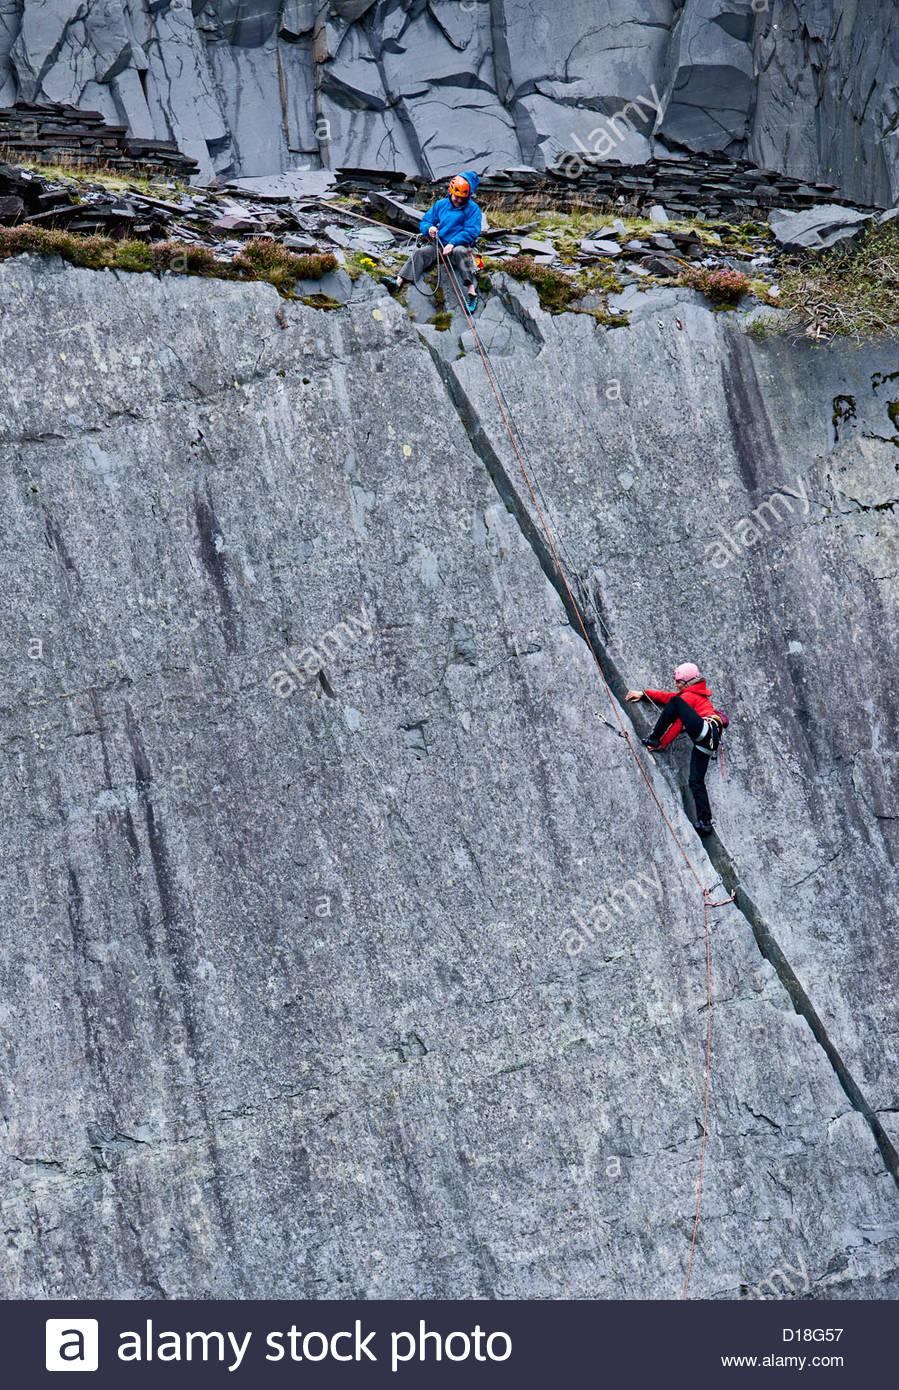 Los escaladores escalar roca empinada Imagen De Stock